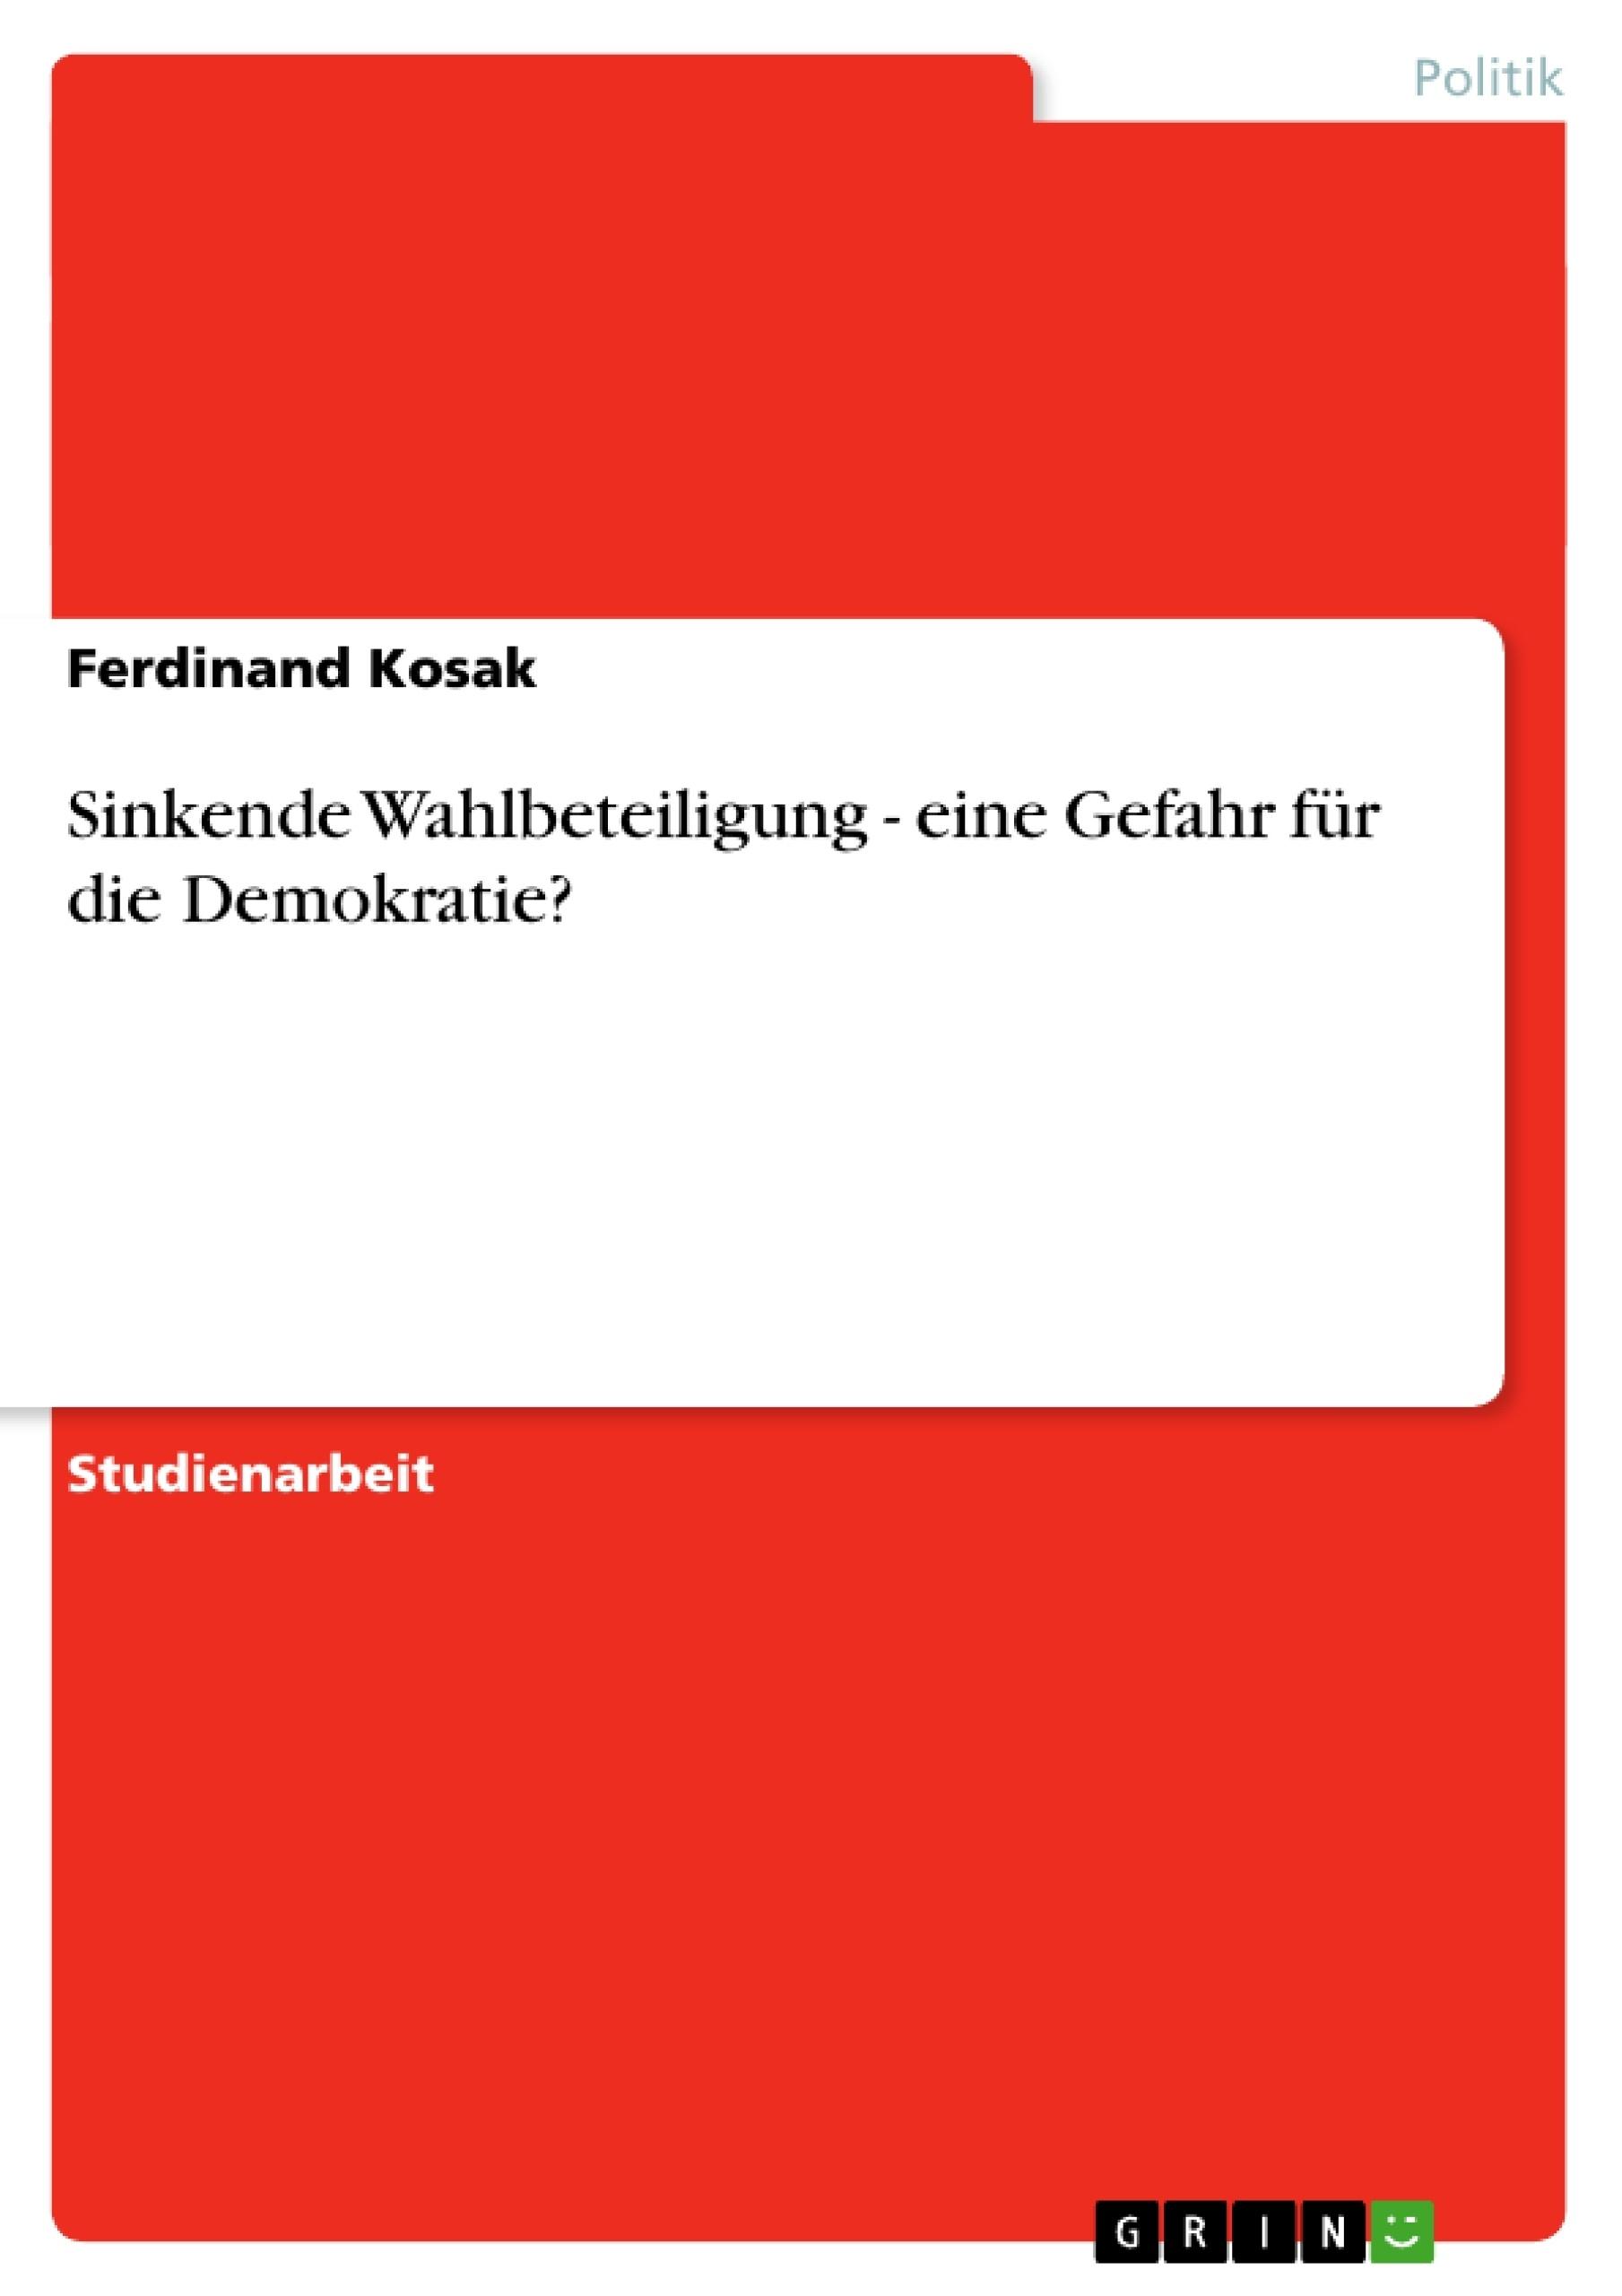 Titel: Sinkende Wahlbeteiligung - eine Gefahr für die Demokratie?